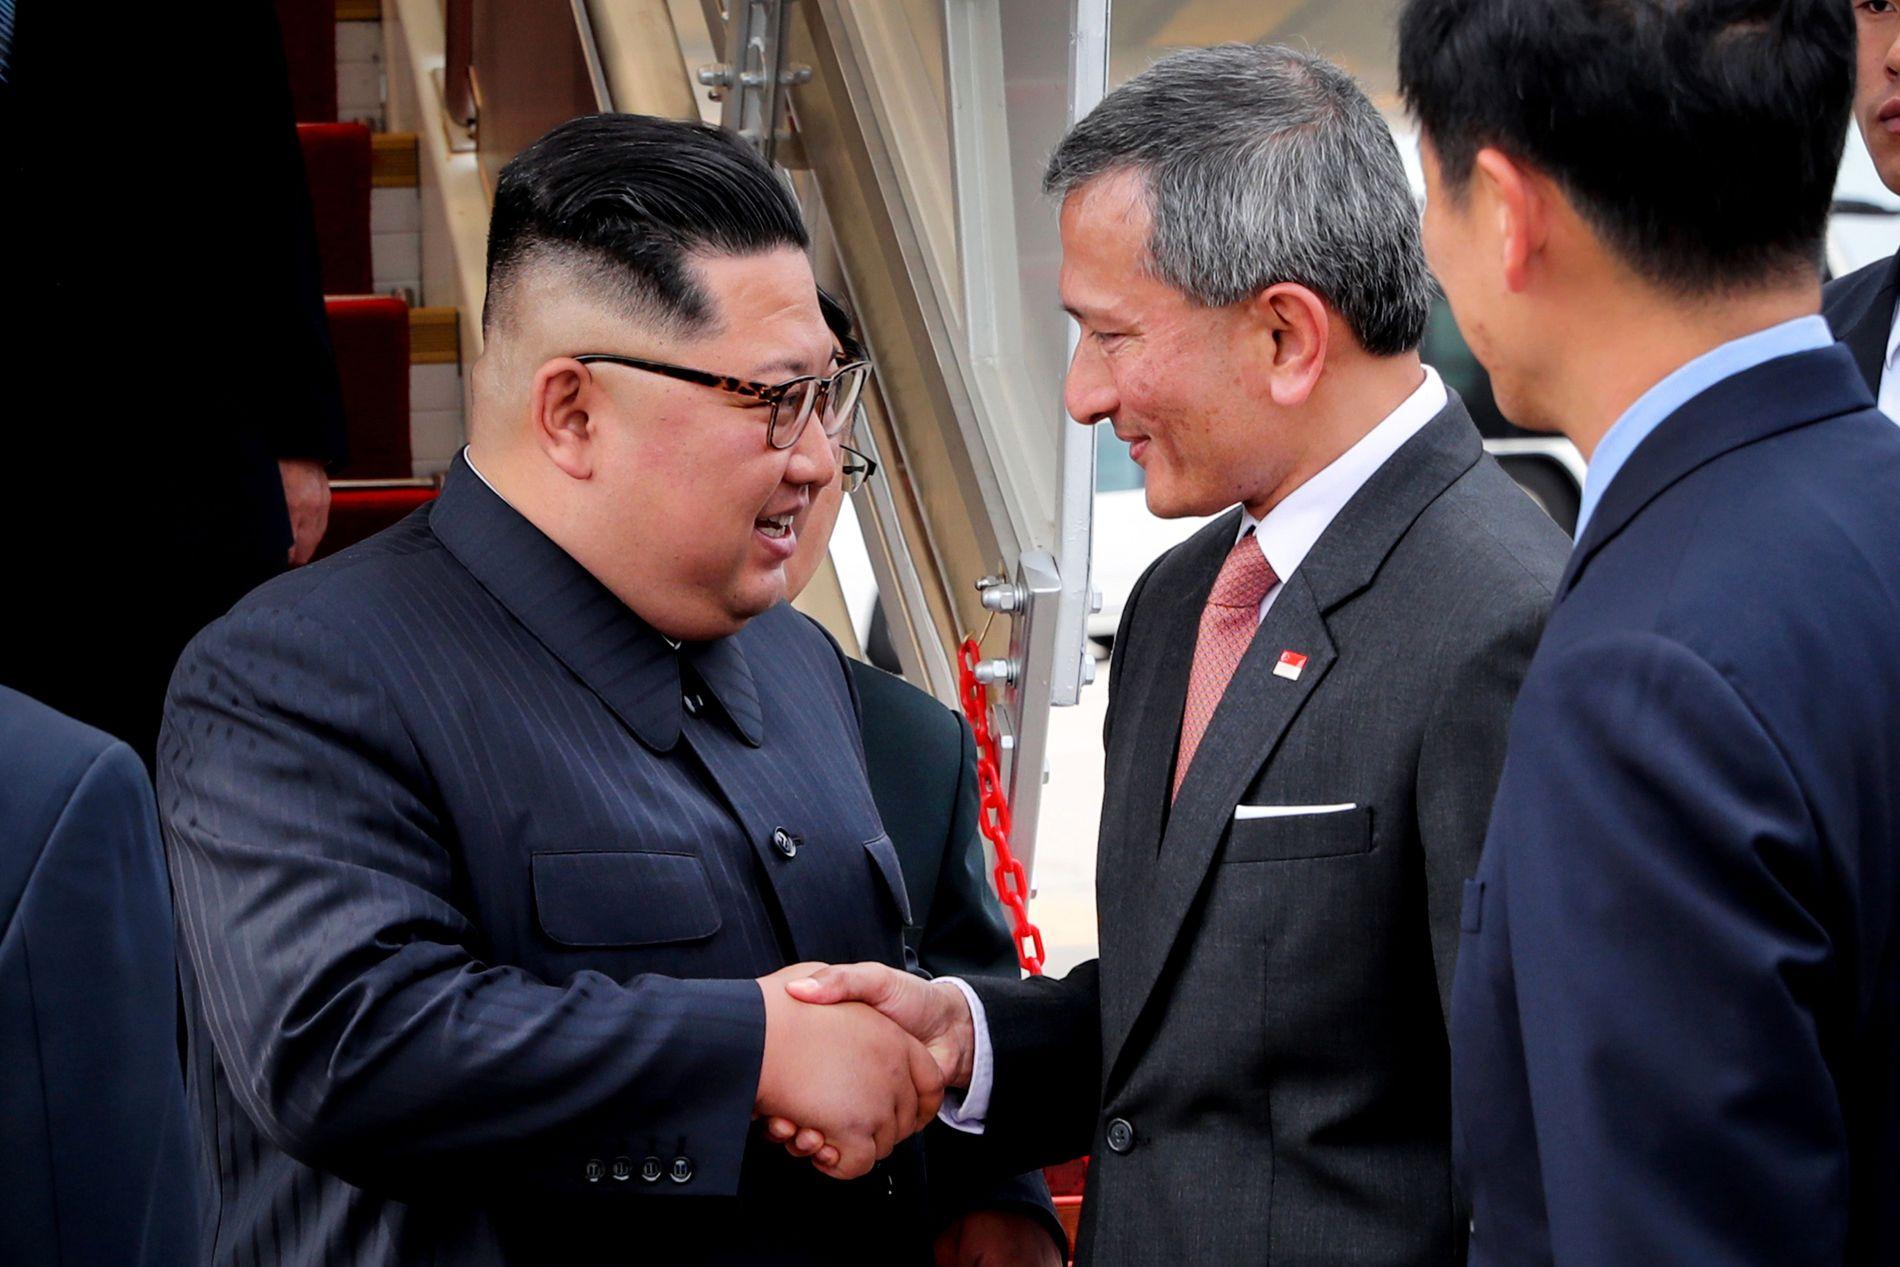 VELKOMMEN: Den første av de to hovedpersonene under det historiske Singapore-møtet, Kim Jong-un, ble lørdag ettermiddag ønsket velkommen av Singapores utenriksminister Vivian Balakhrisnan